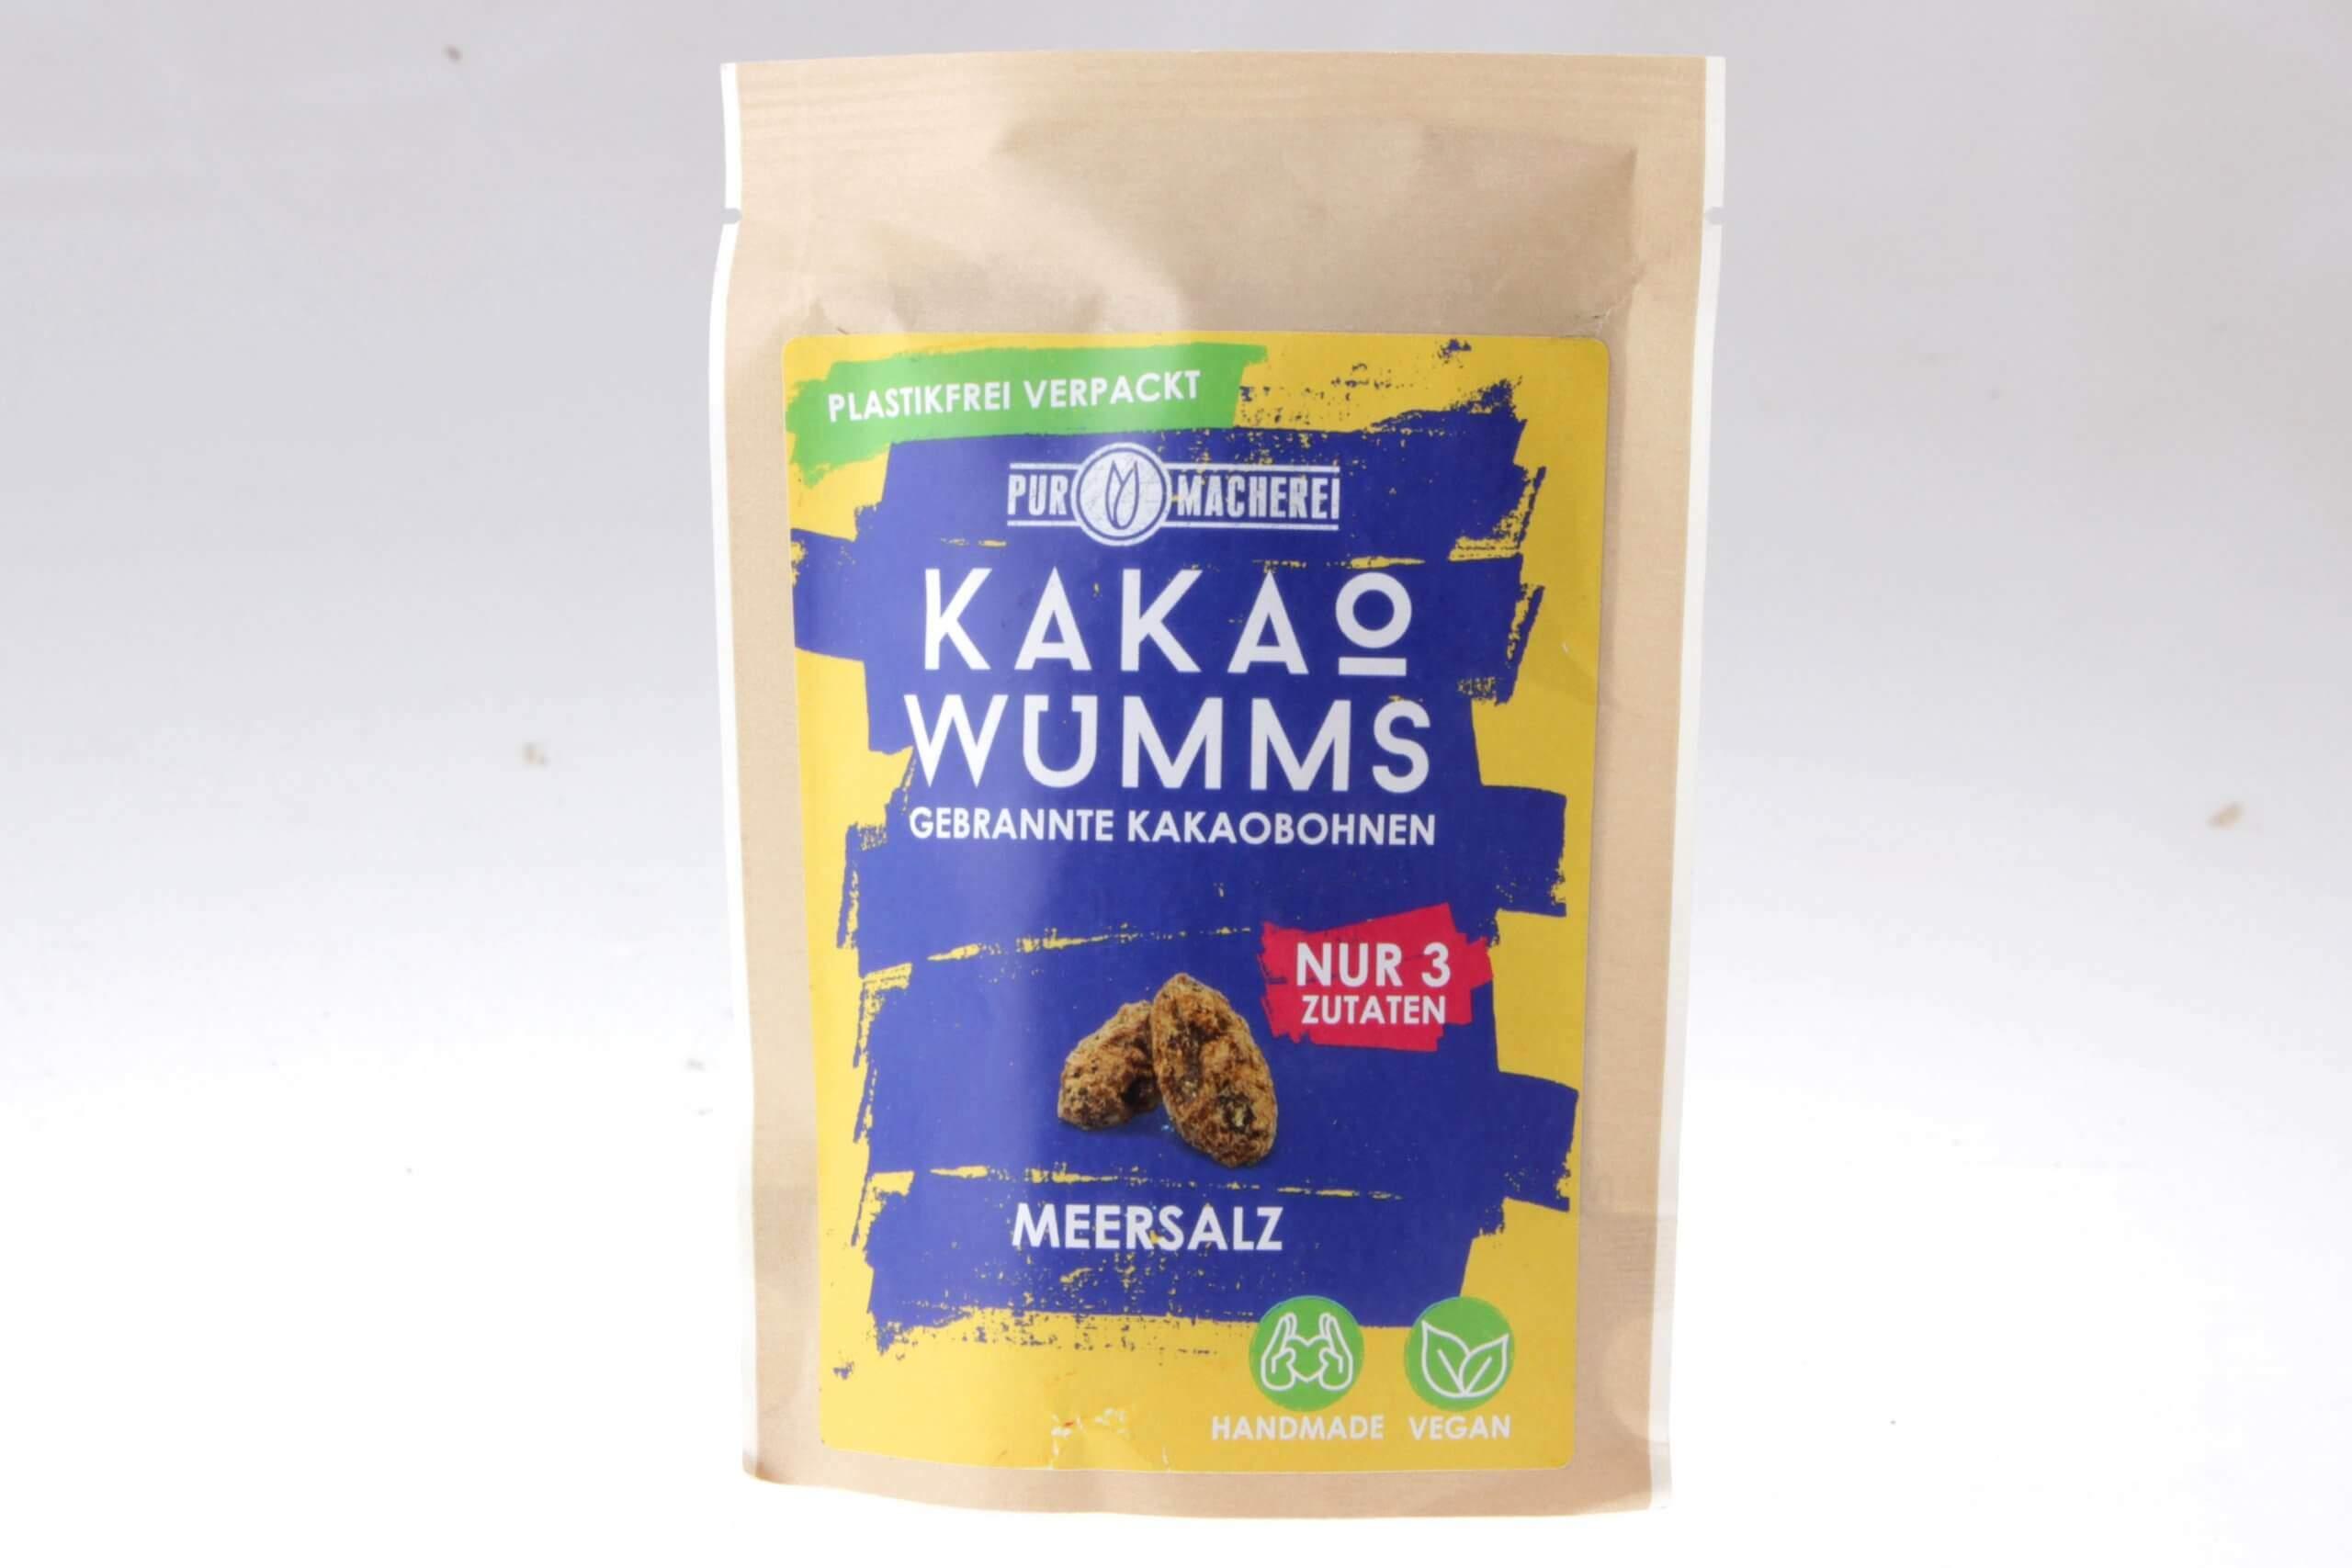 KakaoWUMMS Meersalz von feinjemacht